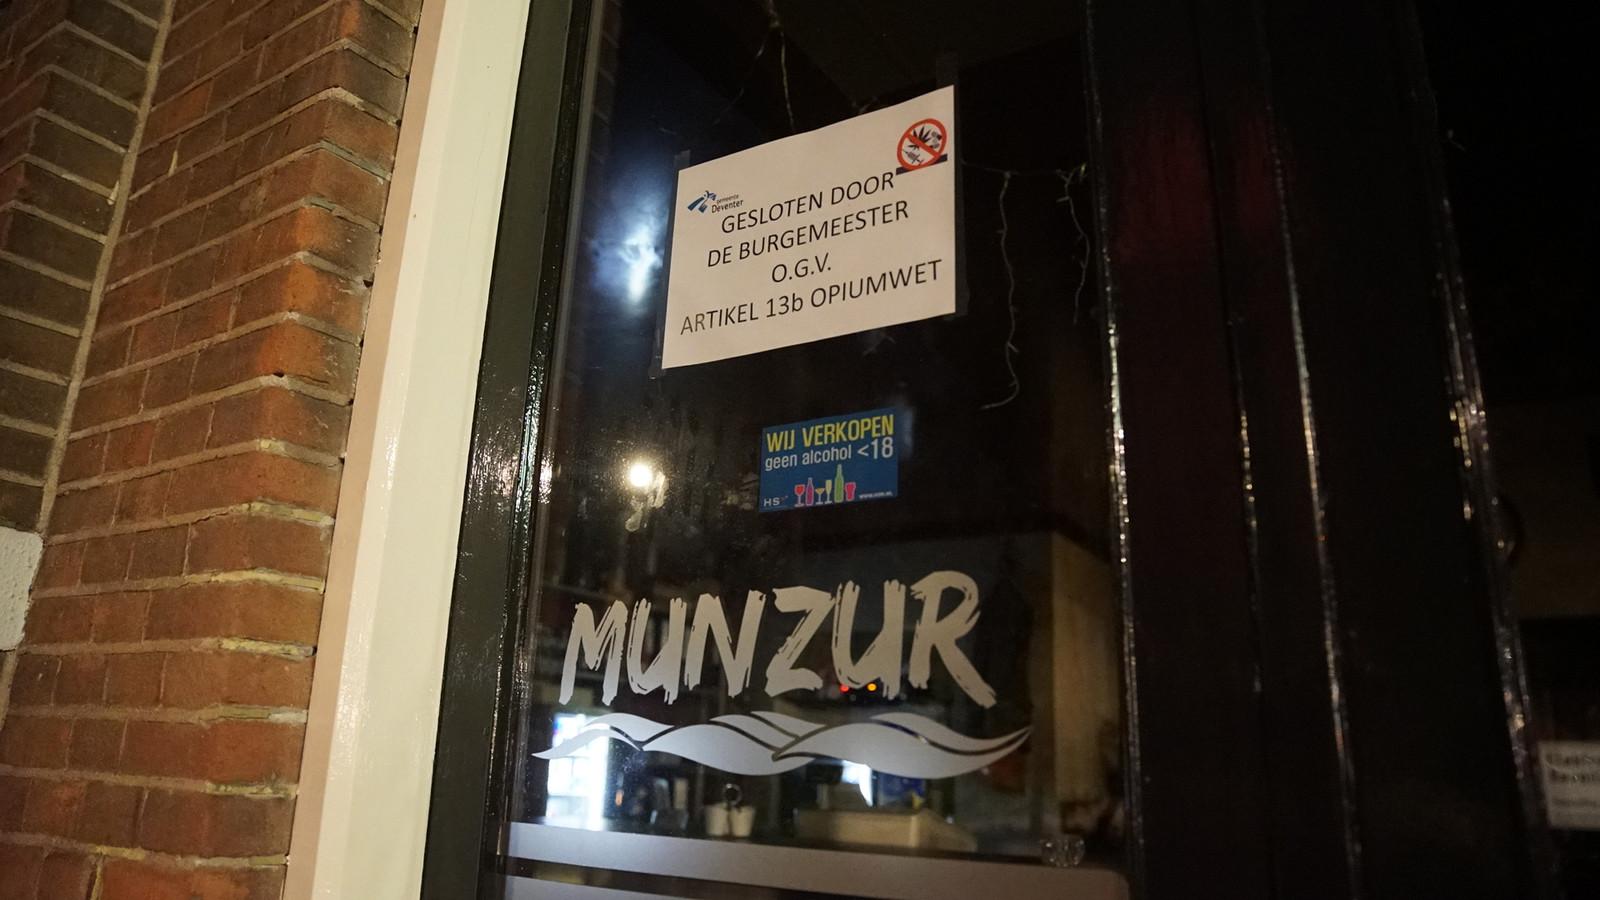 Op de deur bij café Munzur hangt sinds zaterdag een mededeling over de sluiting. De gemeente trof er 800 gram hennep aan.